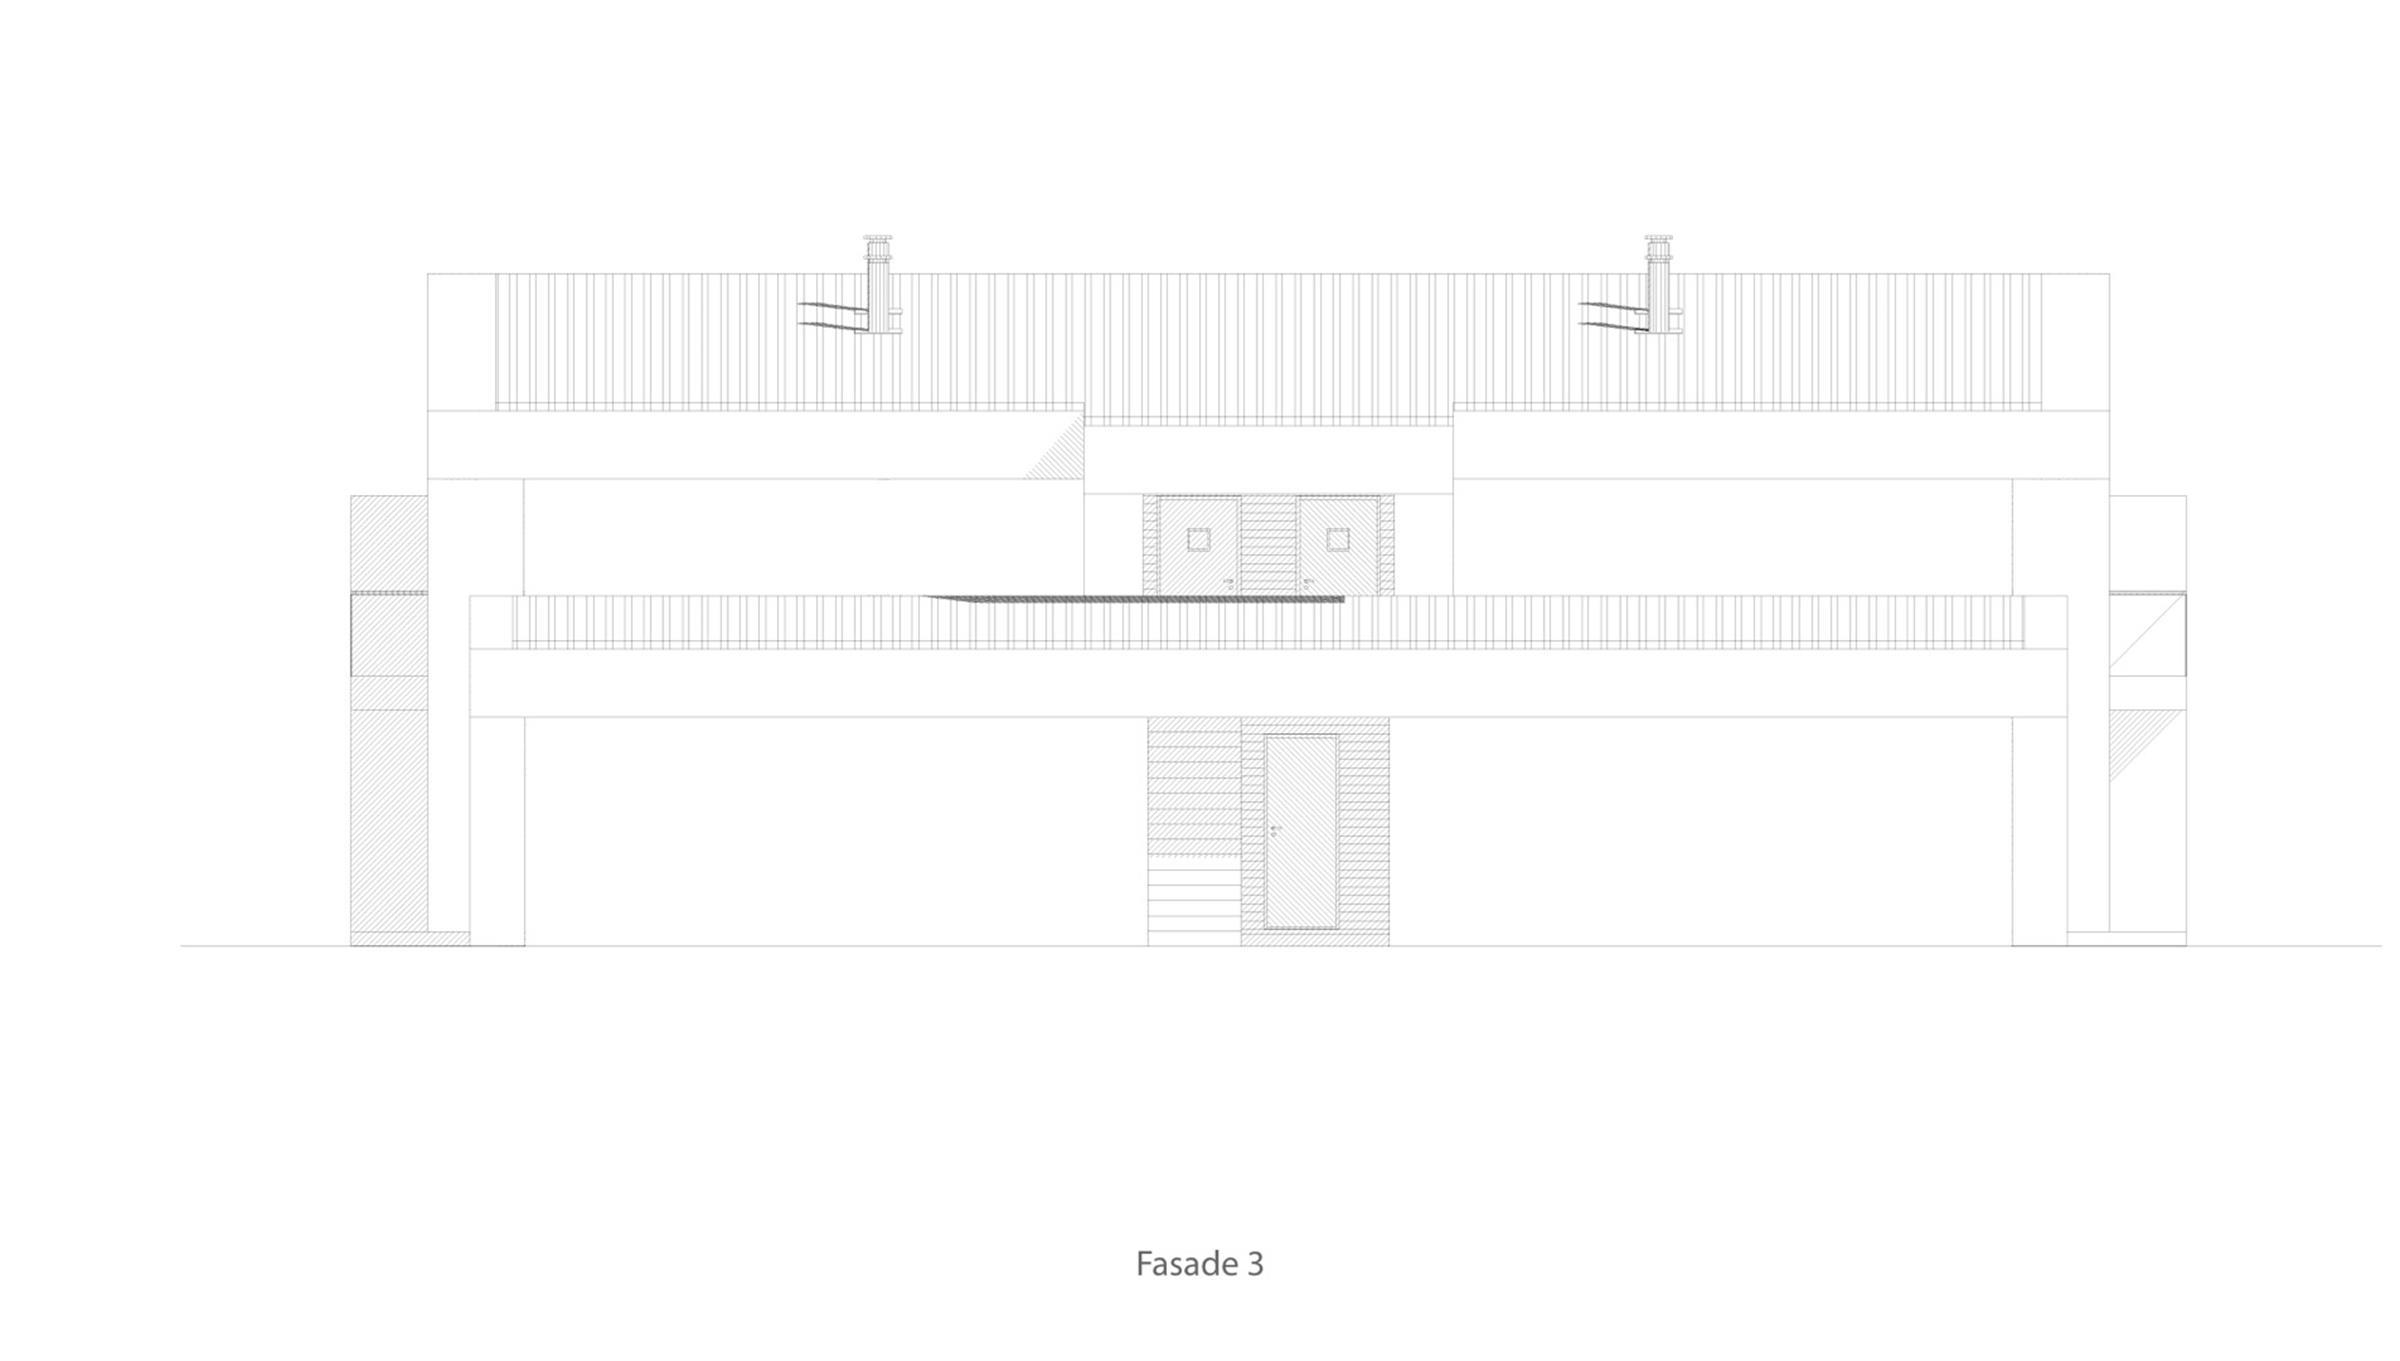 Bygdøy 4 mannsbolig  fasade 3